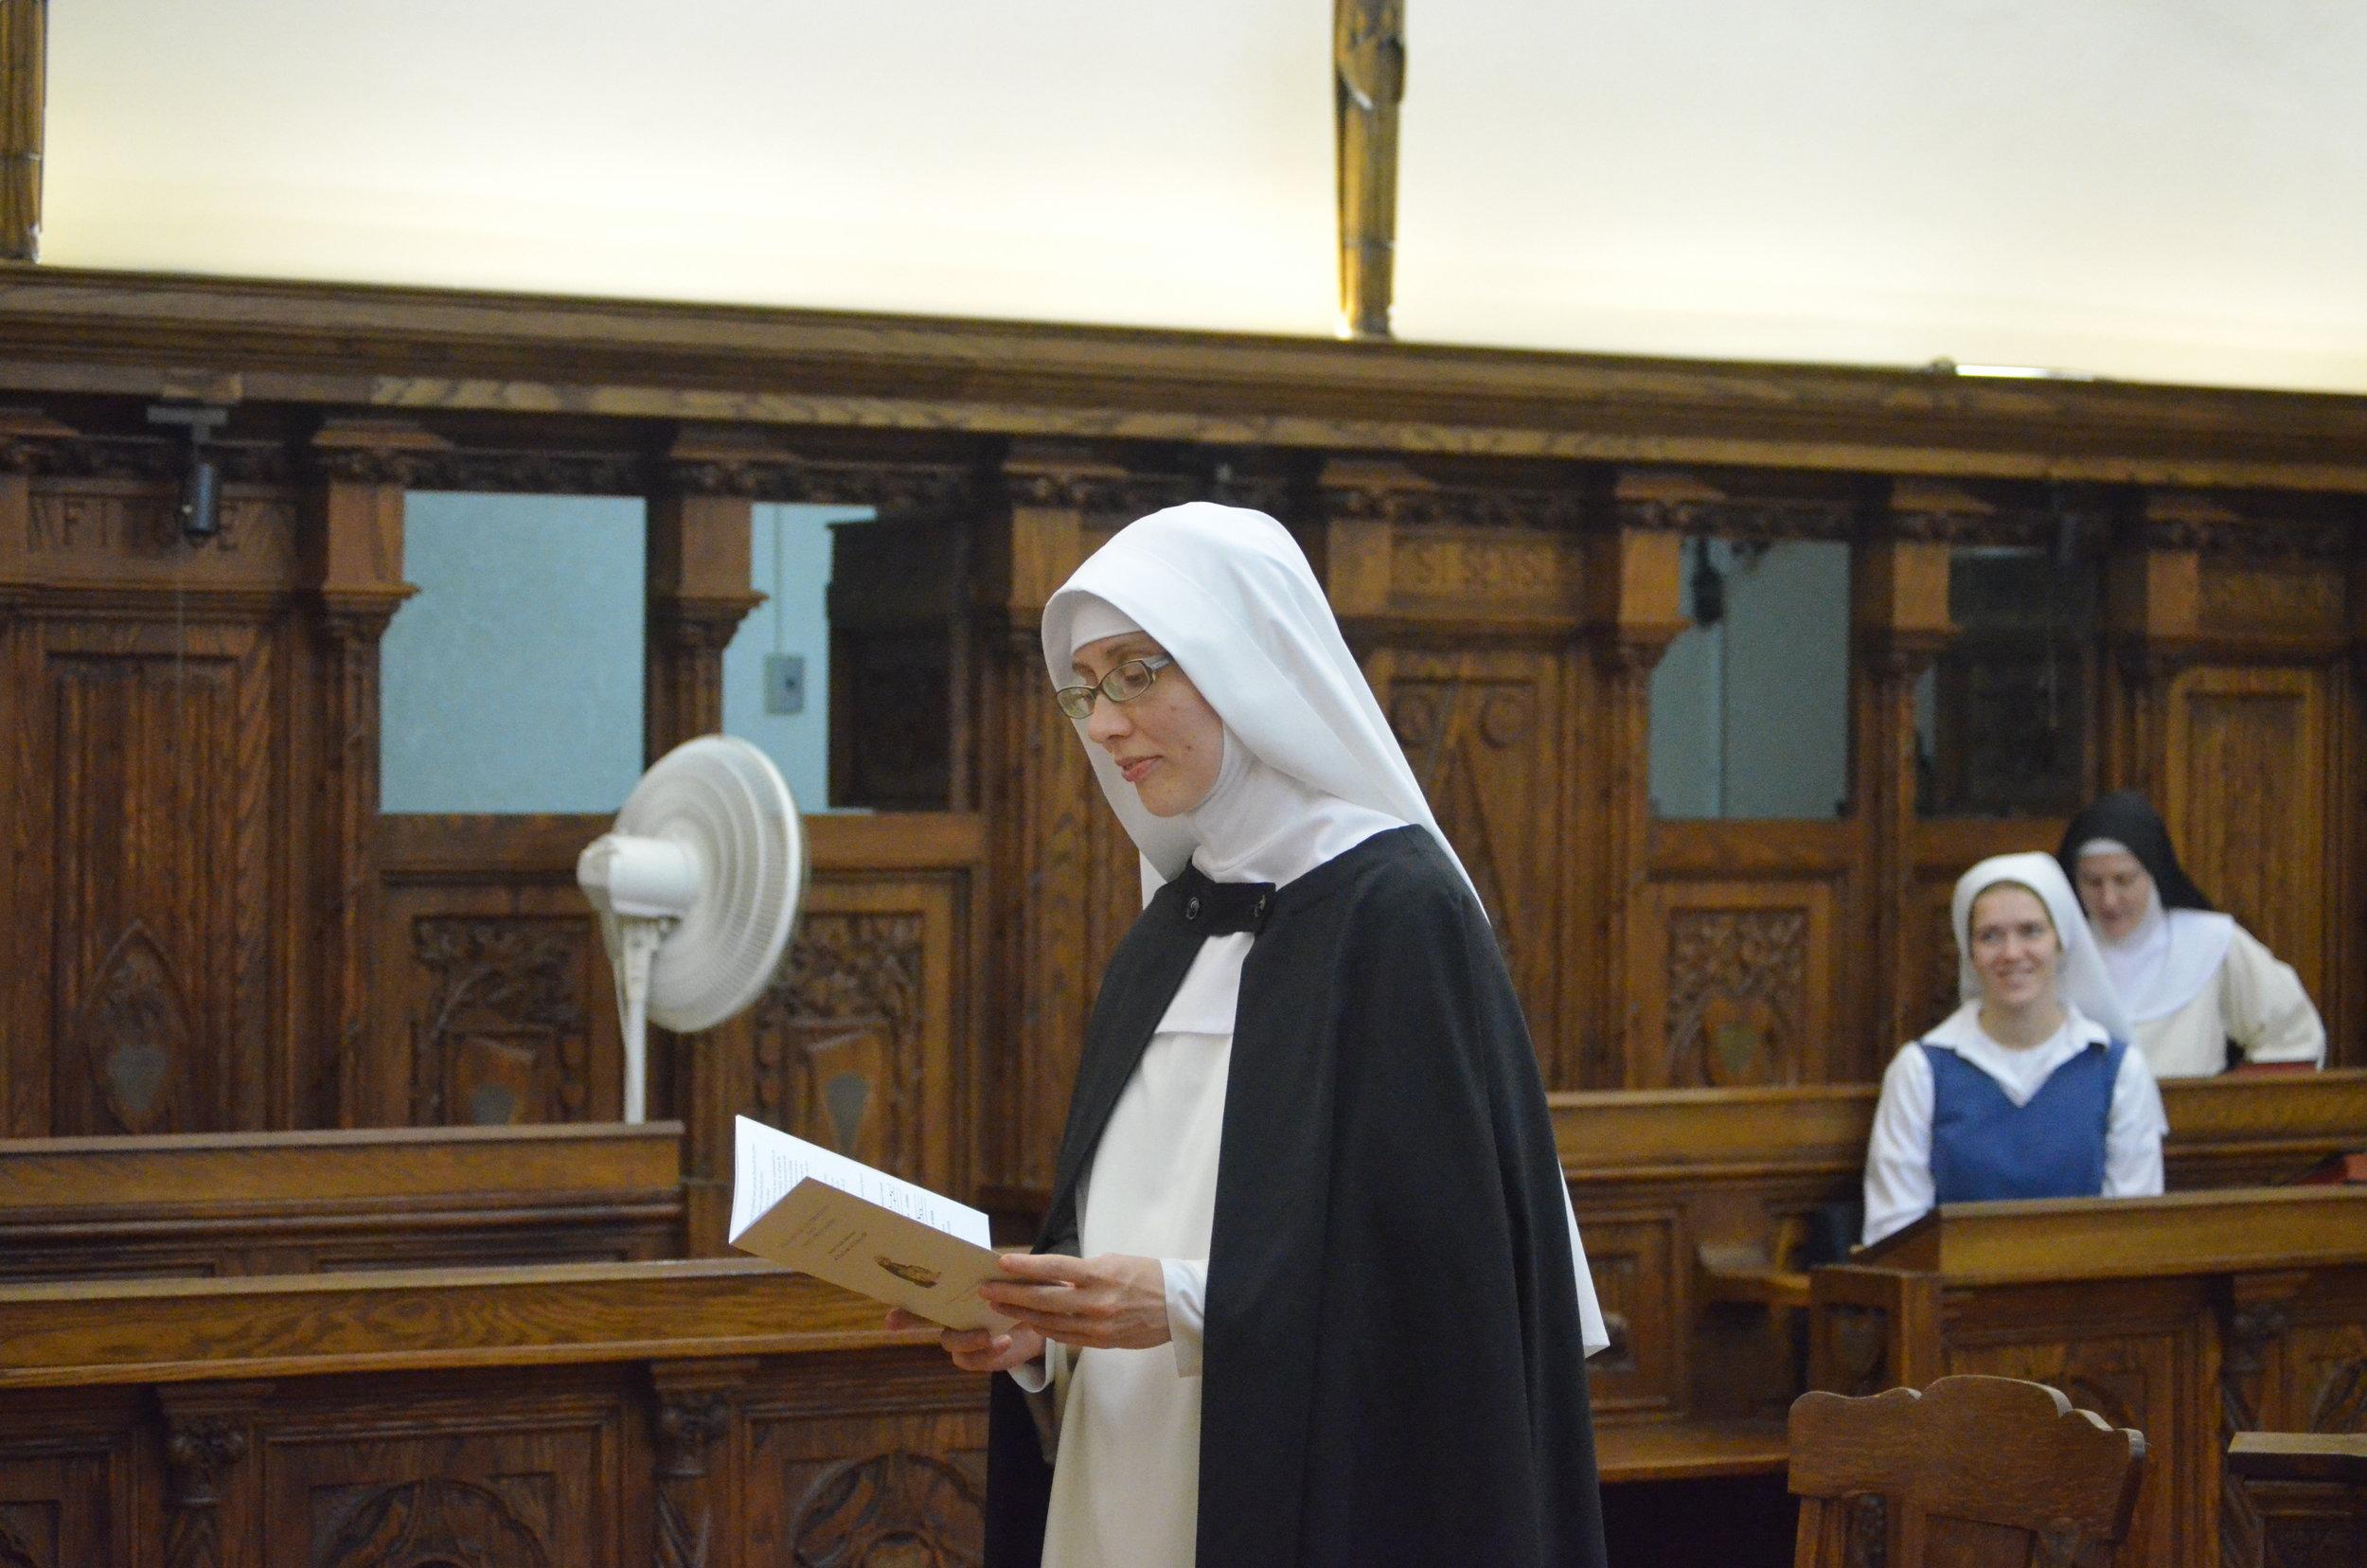 Examination of the novice